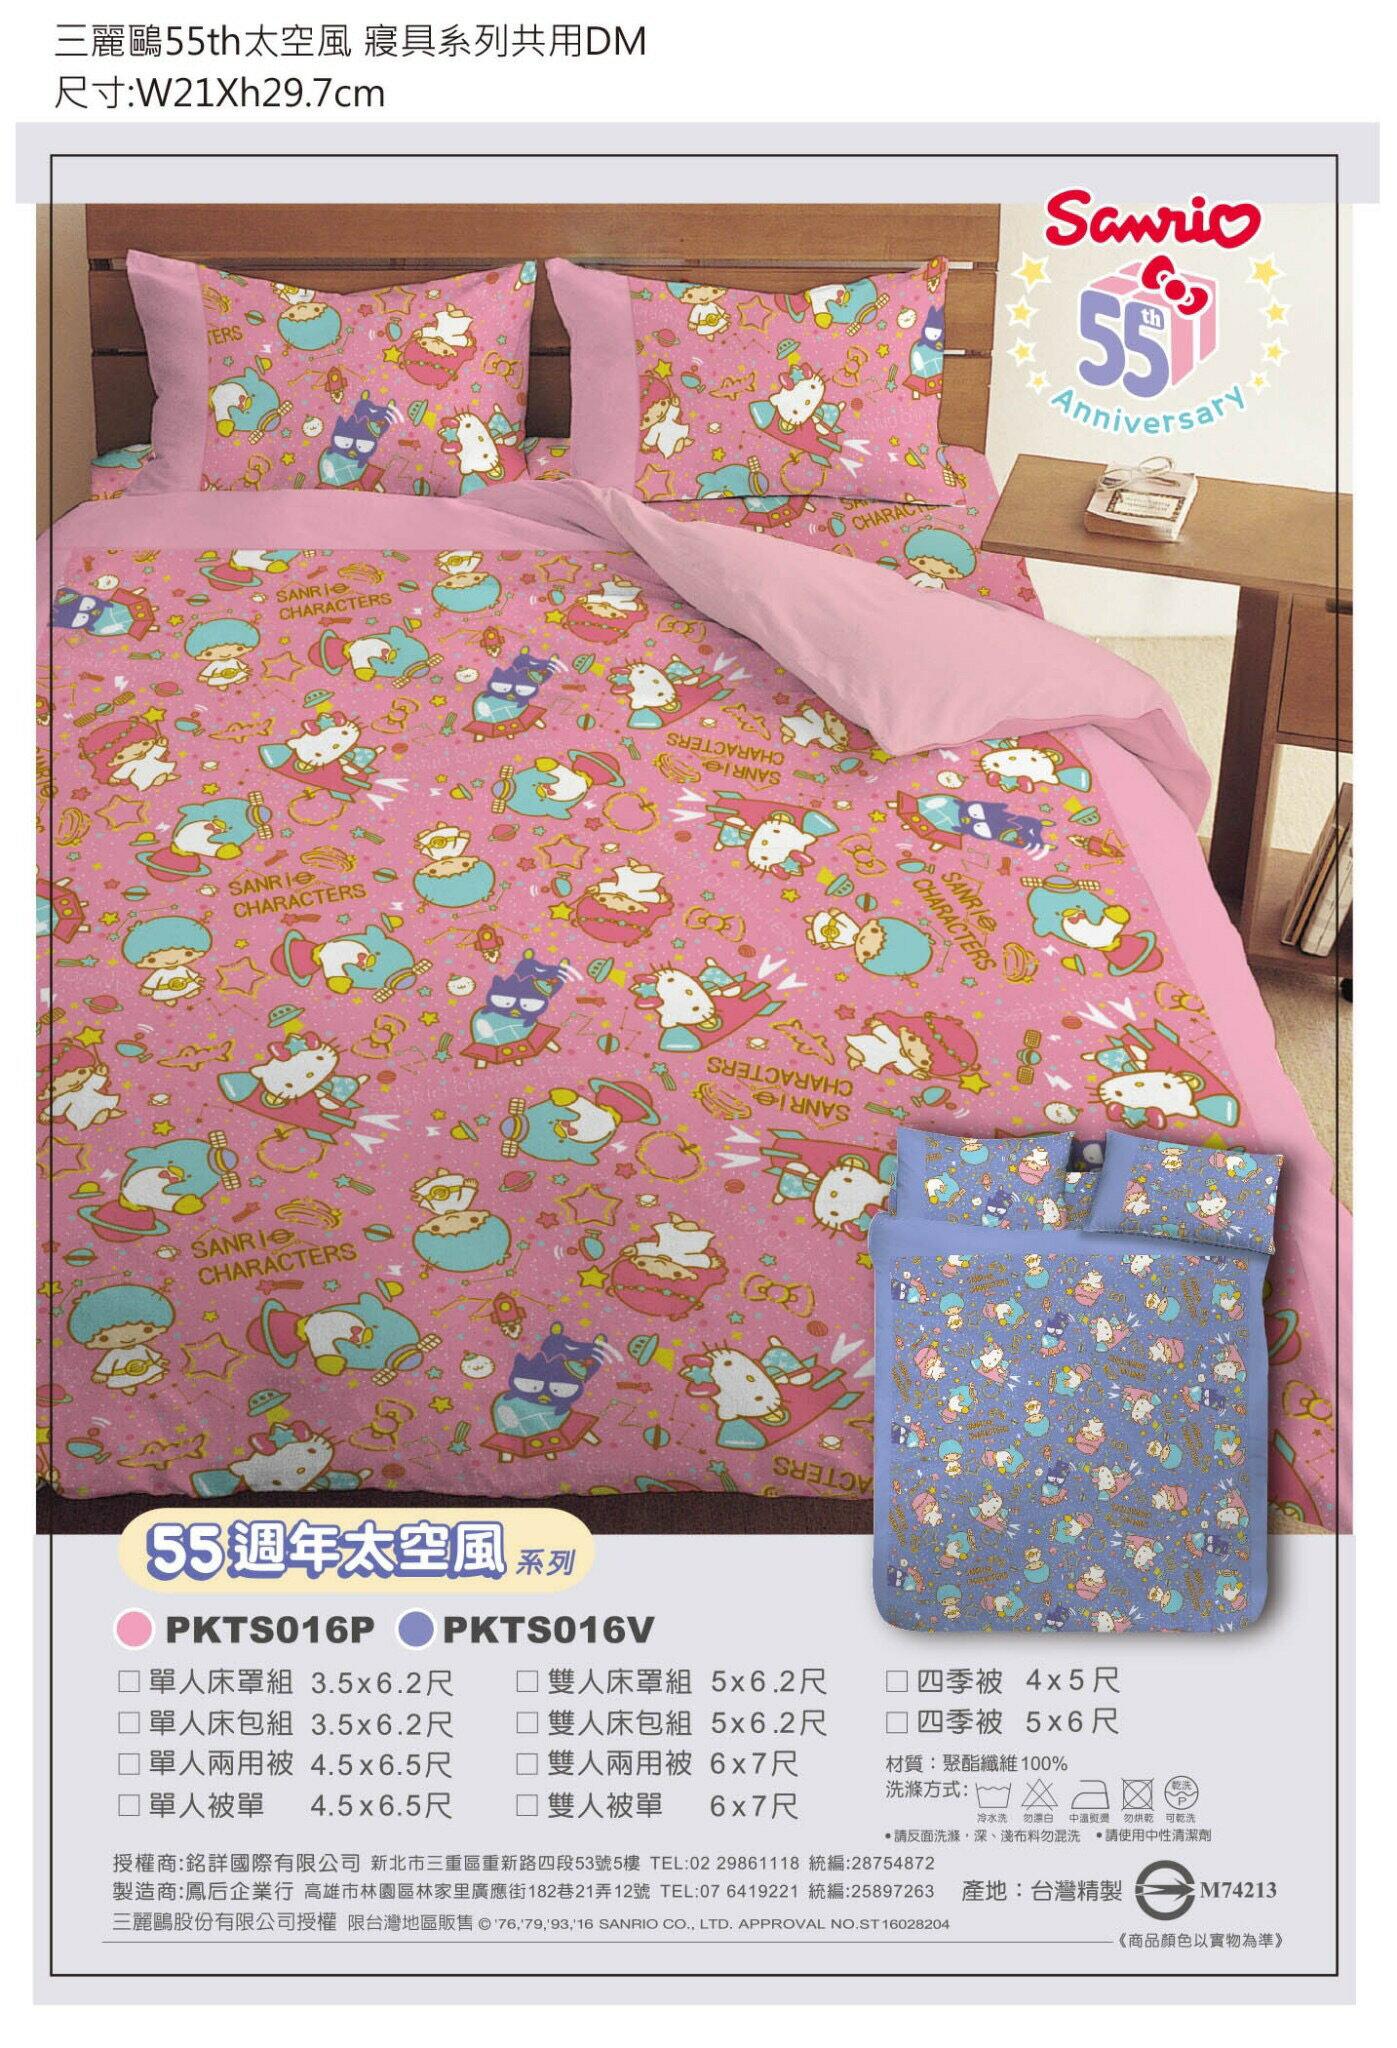 【嫁妝寢具】Hello-Kitty.雙人床包組【床包+枕套*2】台灣製造 .3件組.藍色/粉色2款任選